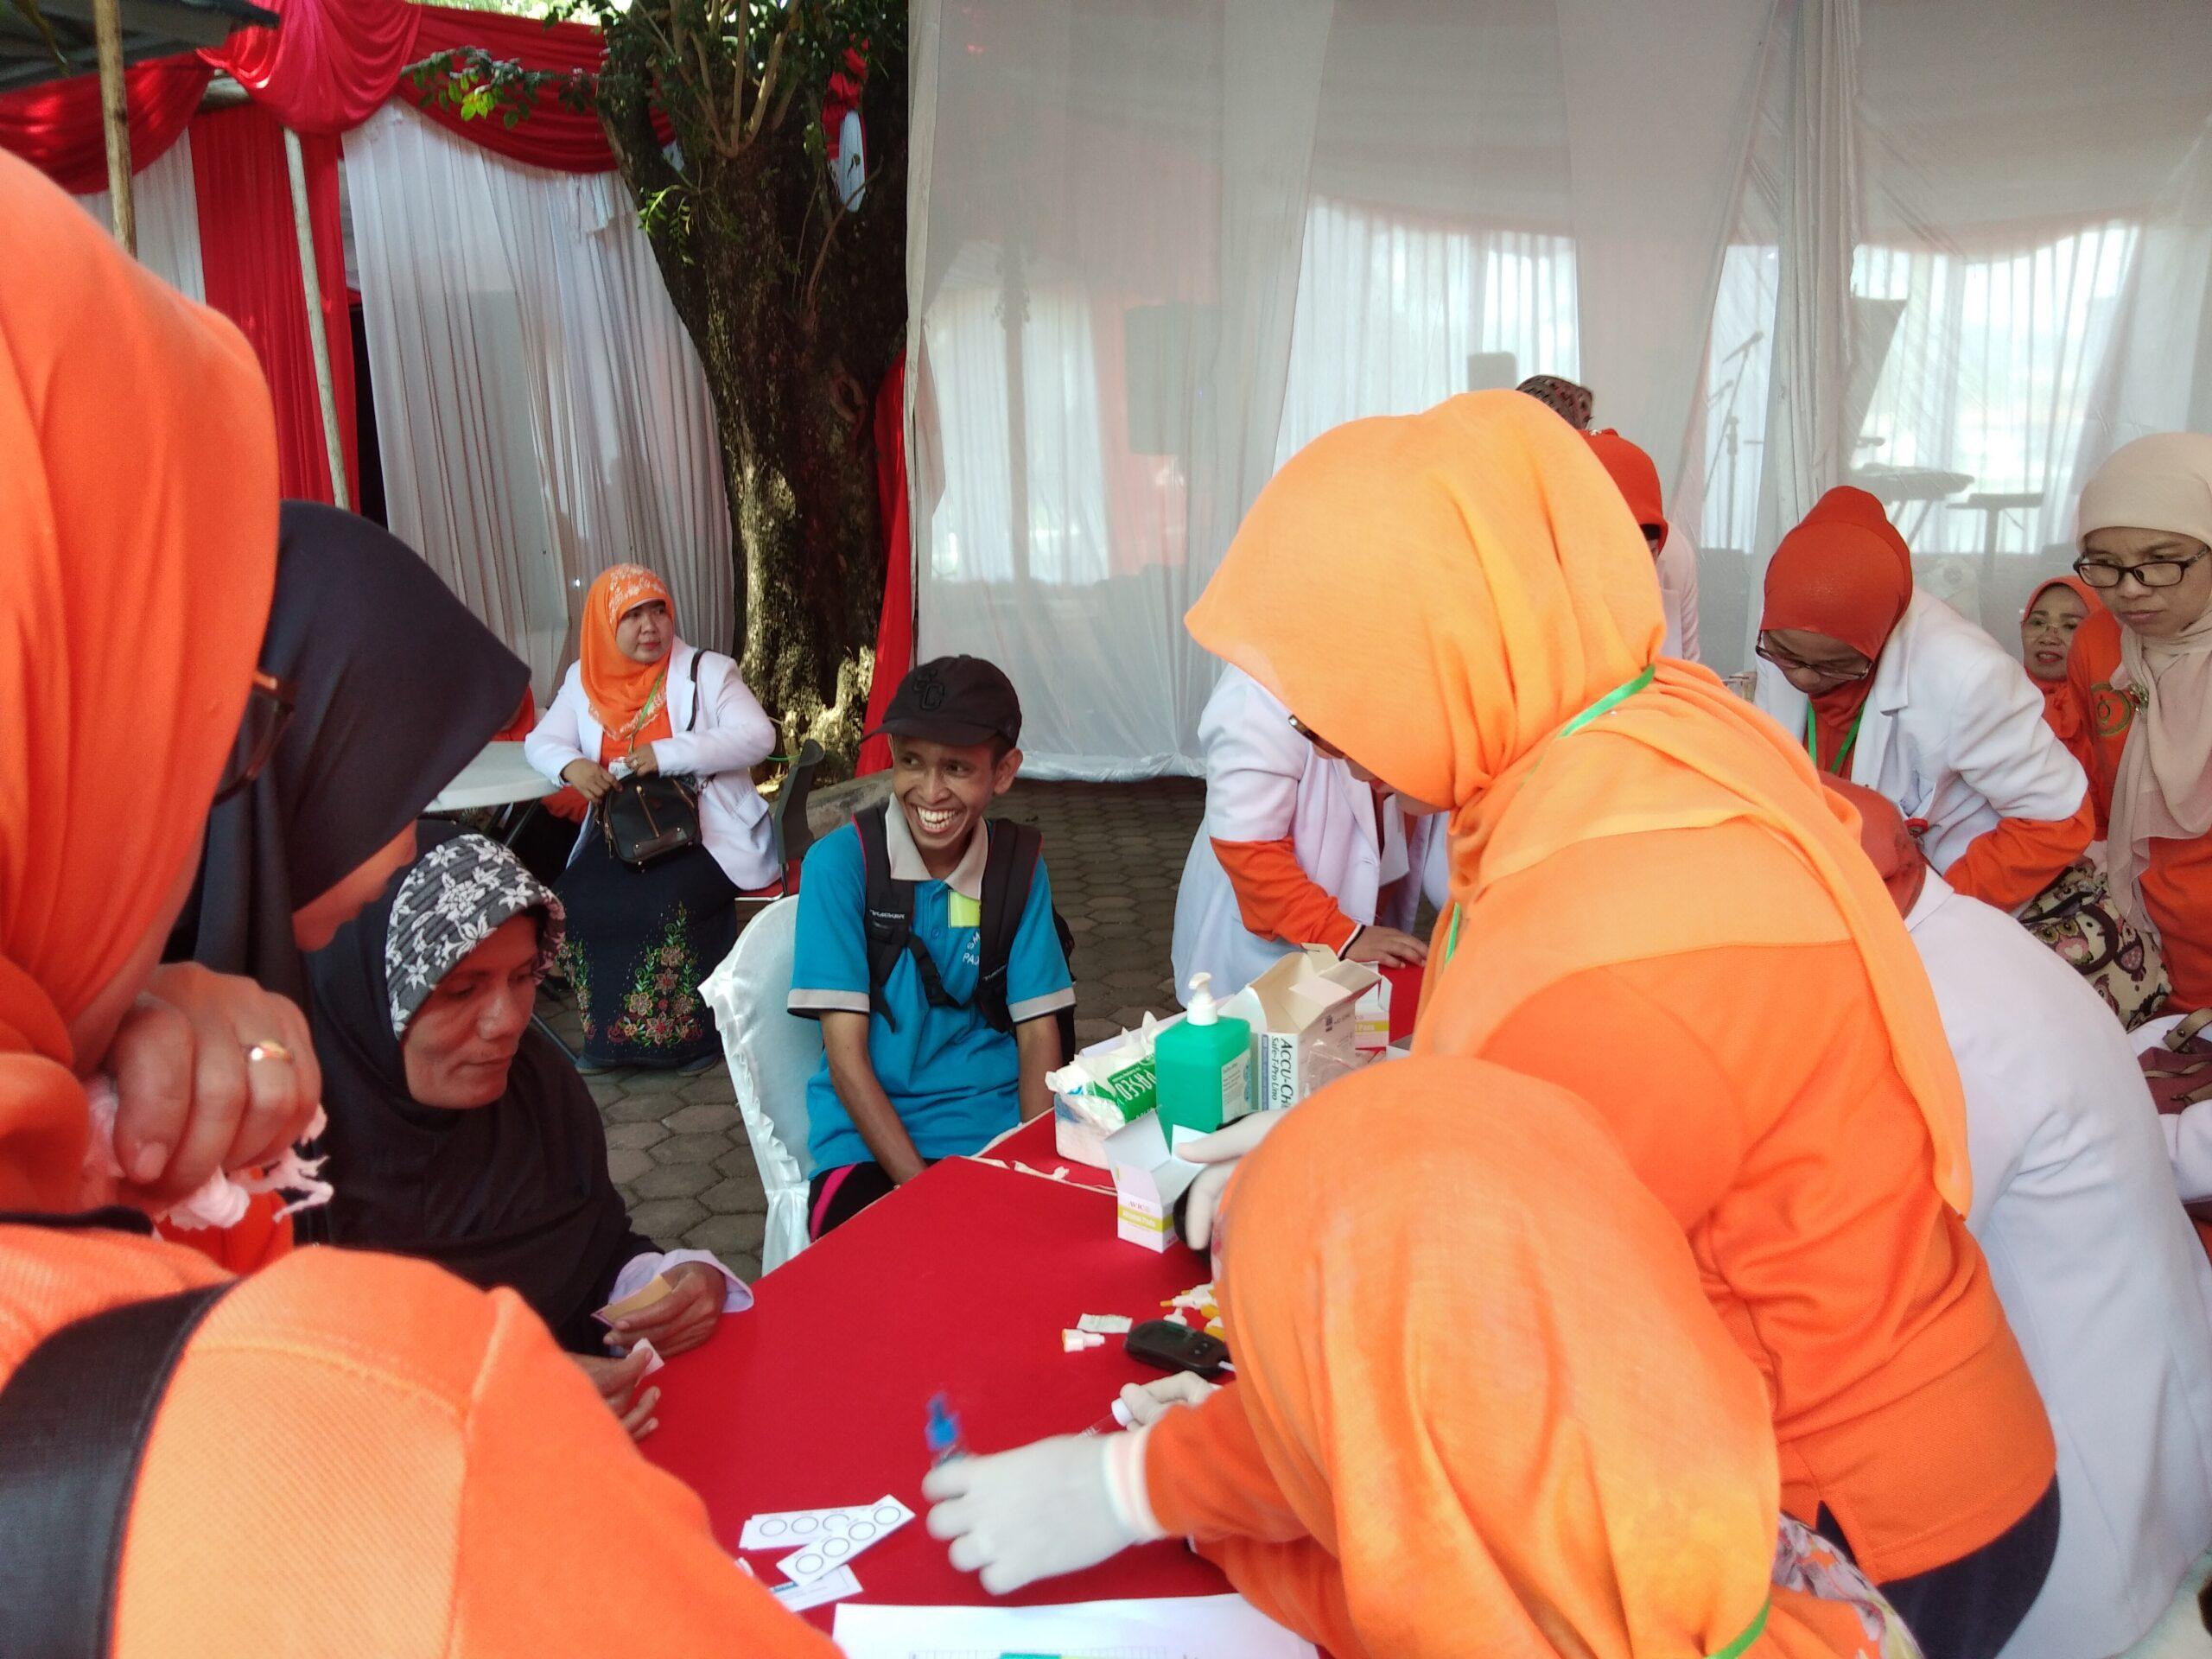 Cek Kesehatan | Para dokter Indonesia berkumpul di Padang, Sumatera Barat memberikan pelayanan gratis kepada disabilitas yang diselenggarakan di halaman kantor Gubernur Sumbar, Kamis (3/5/2018). Foto | Al Ikhlas